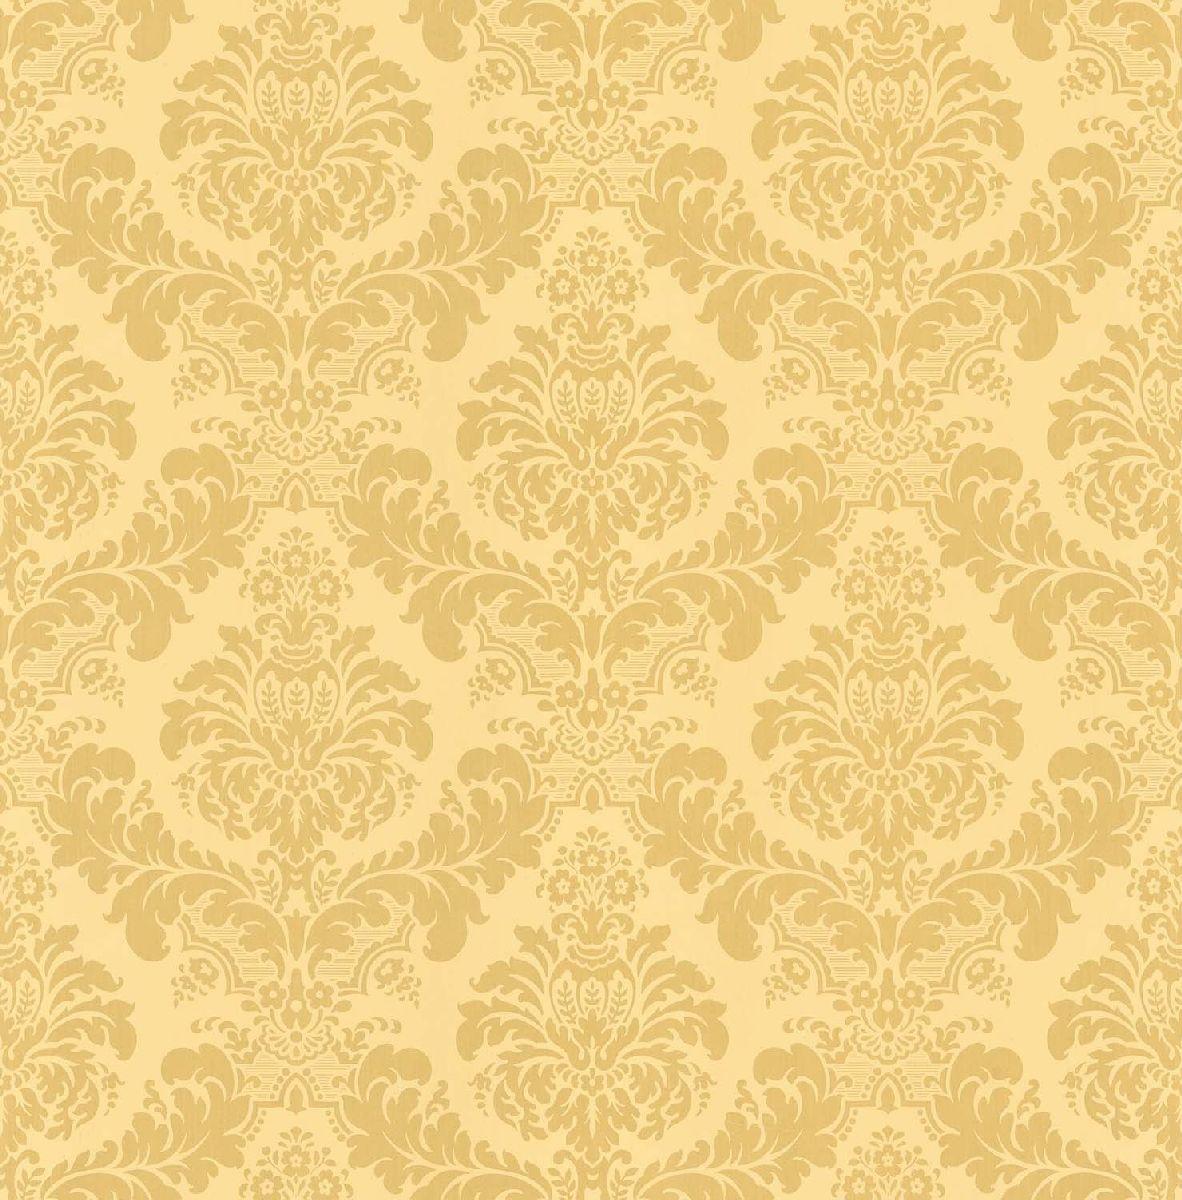 Gold Brocade Wallpaper Wallpapersafari